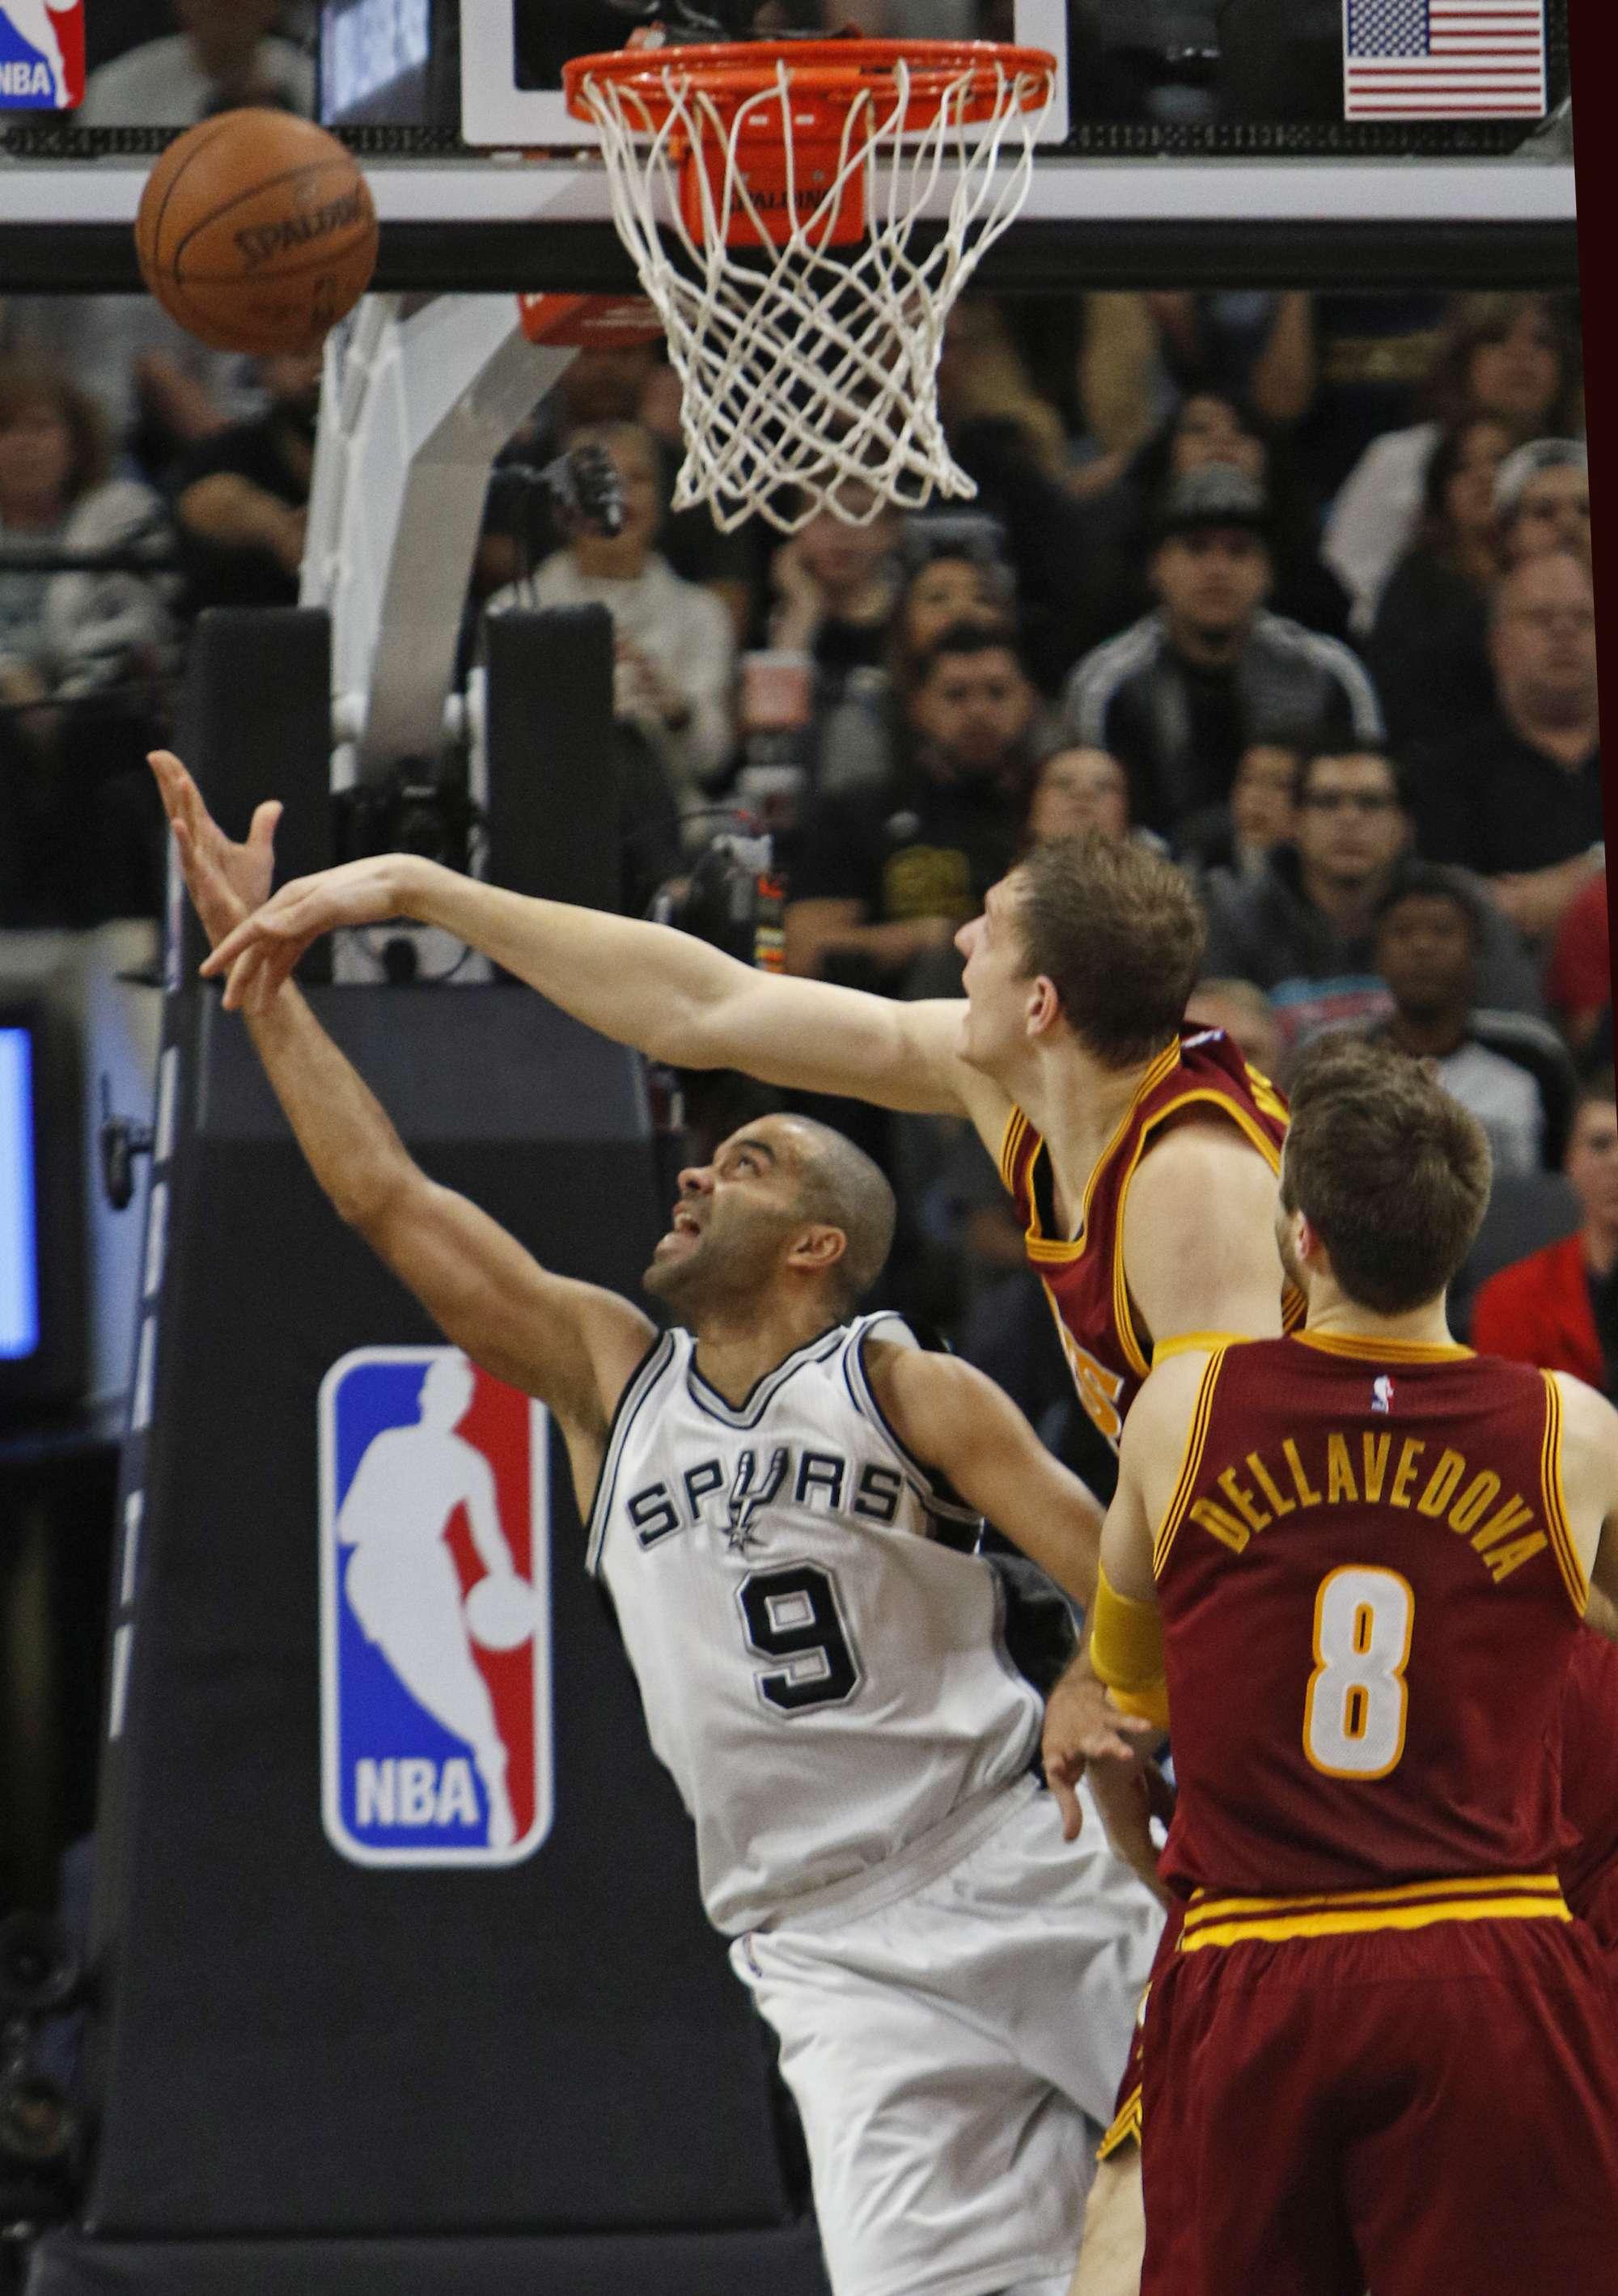 Parker protagonista nella sfida contro i Cleveland Cavaliers